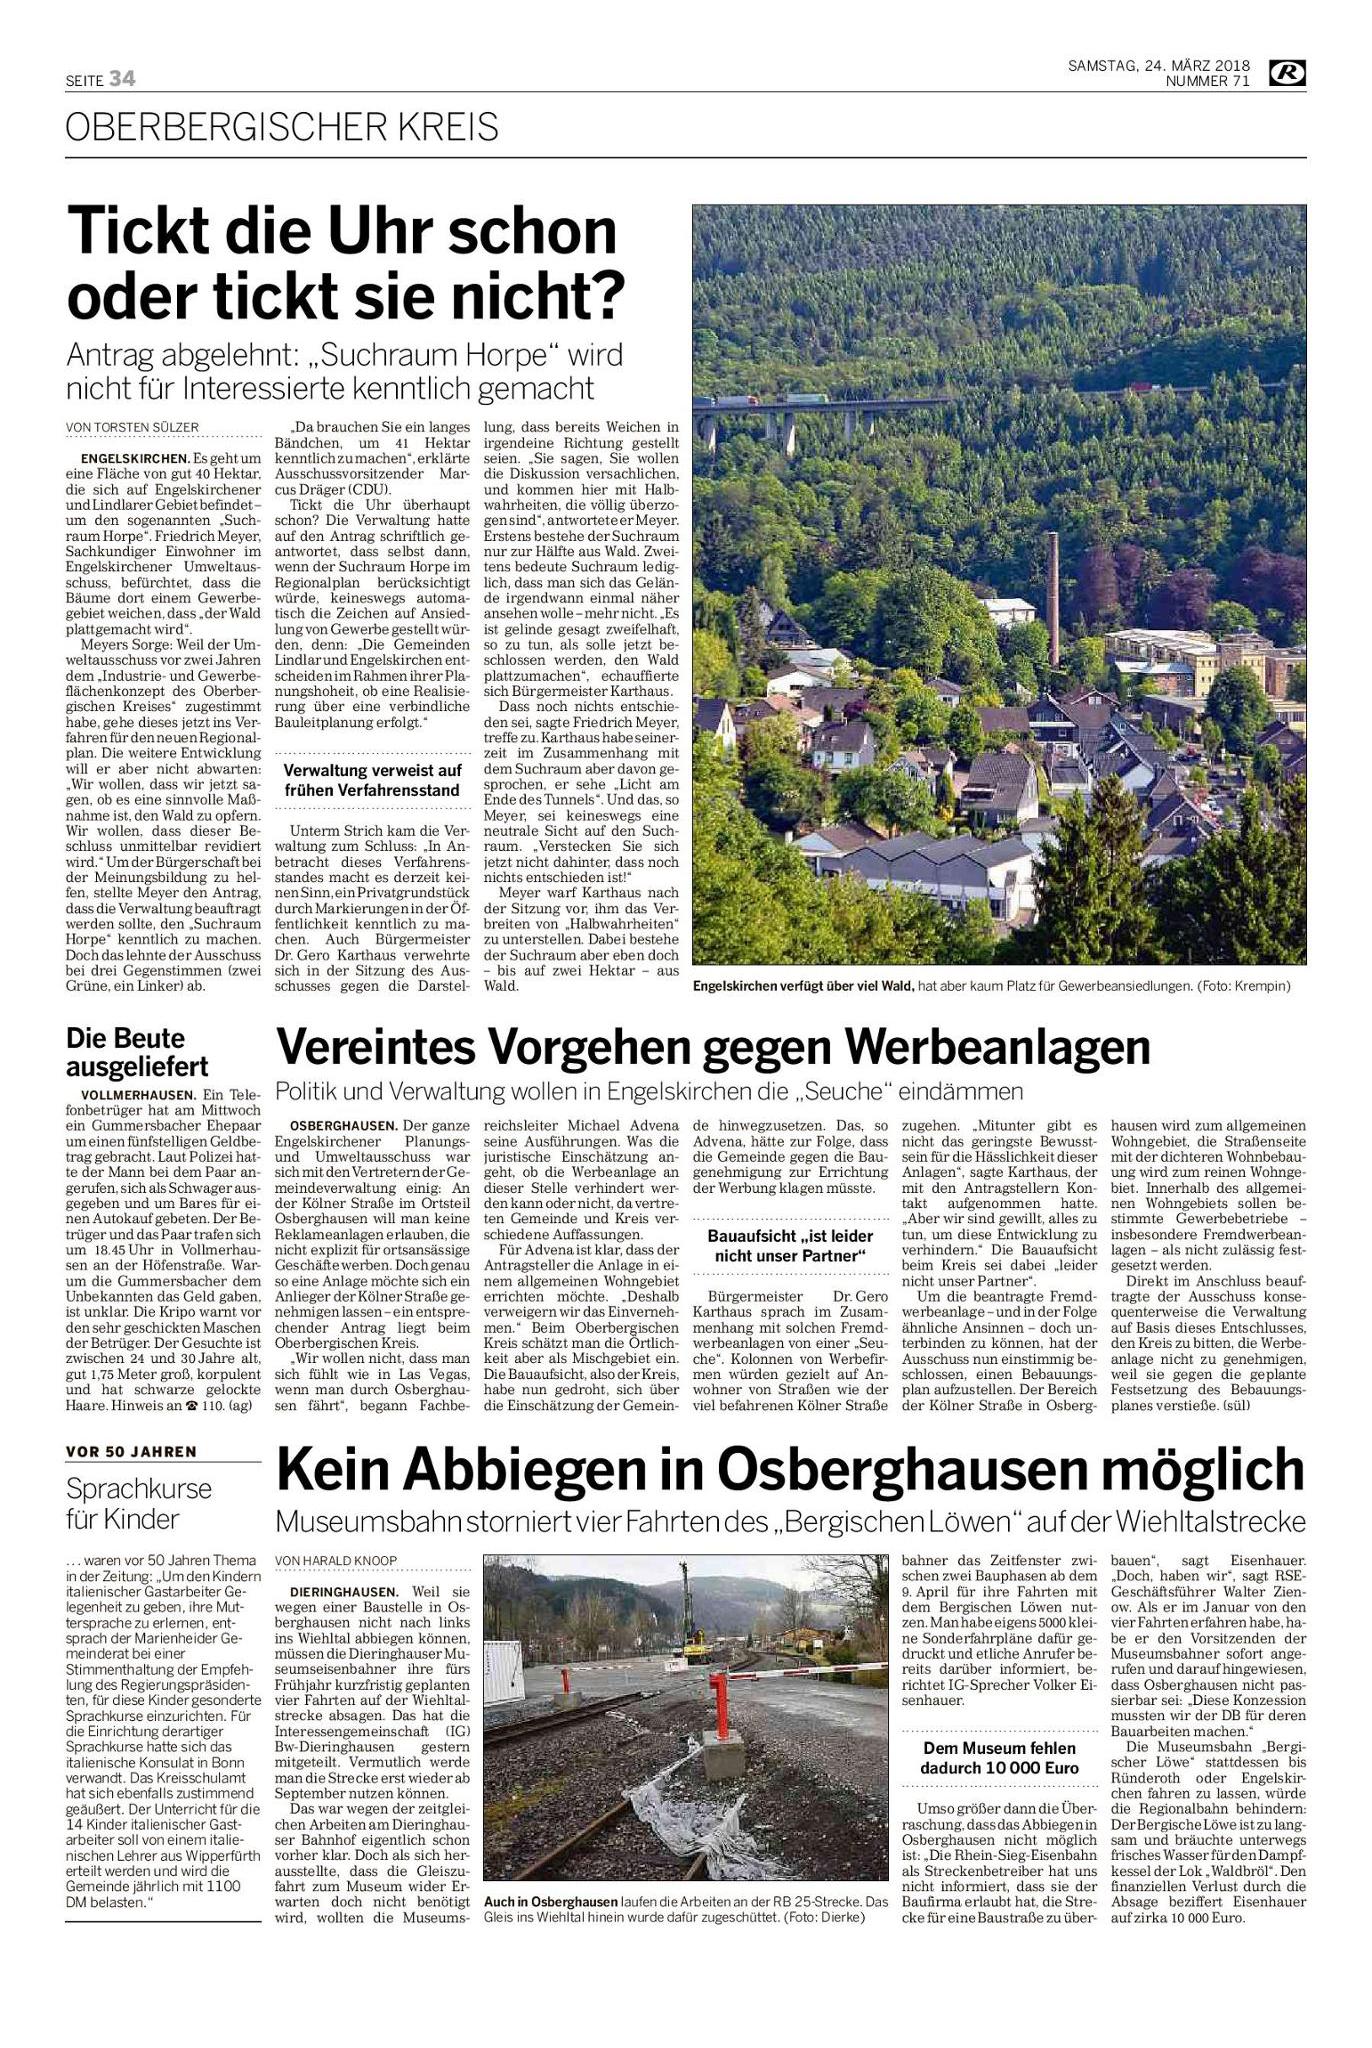 Kein Abbiegen in Osberghausen möglich – Rundschau März 2018